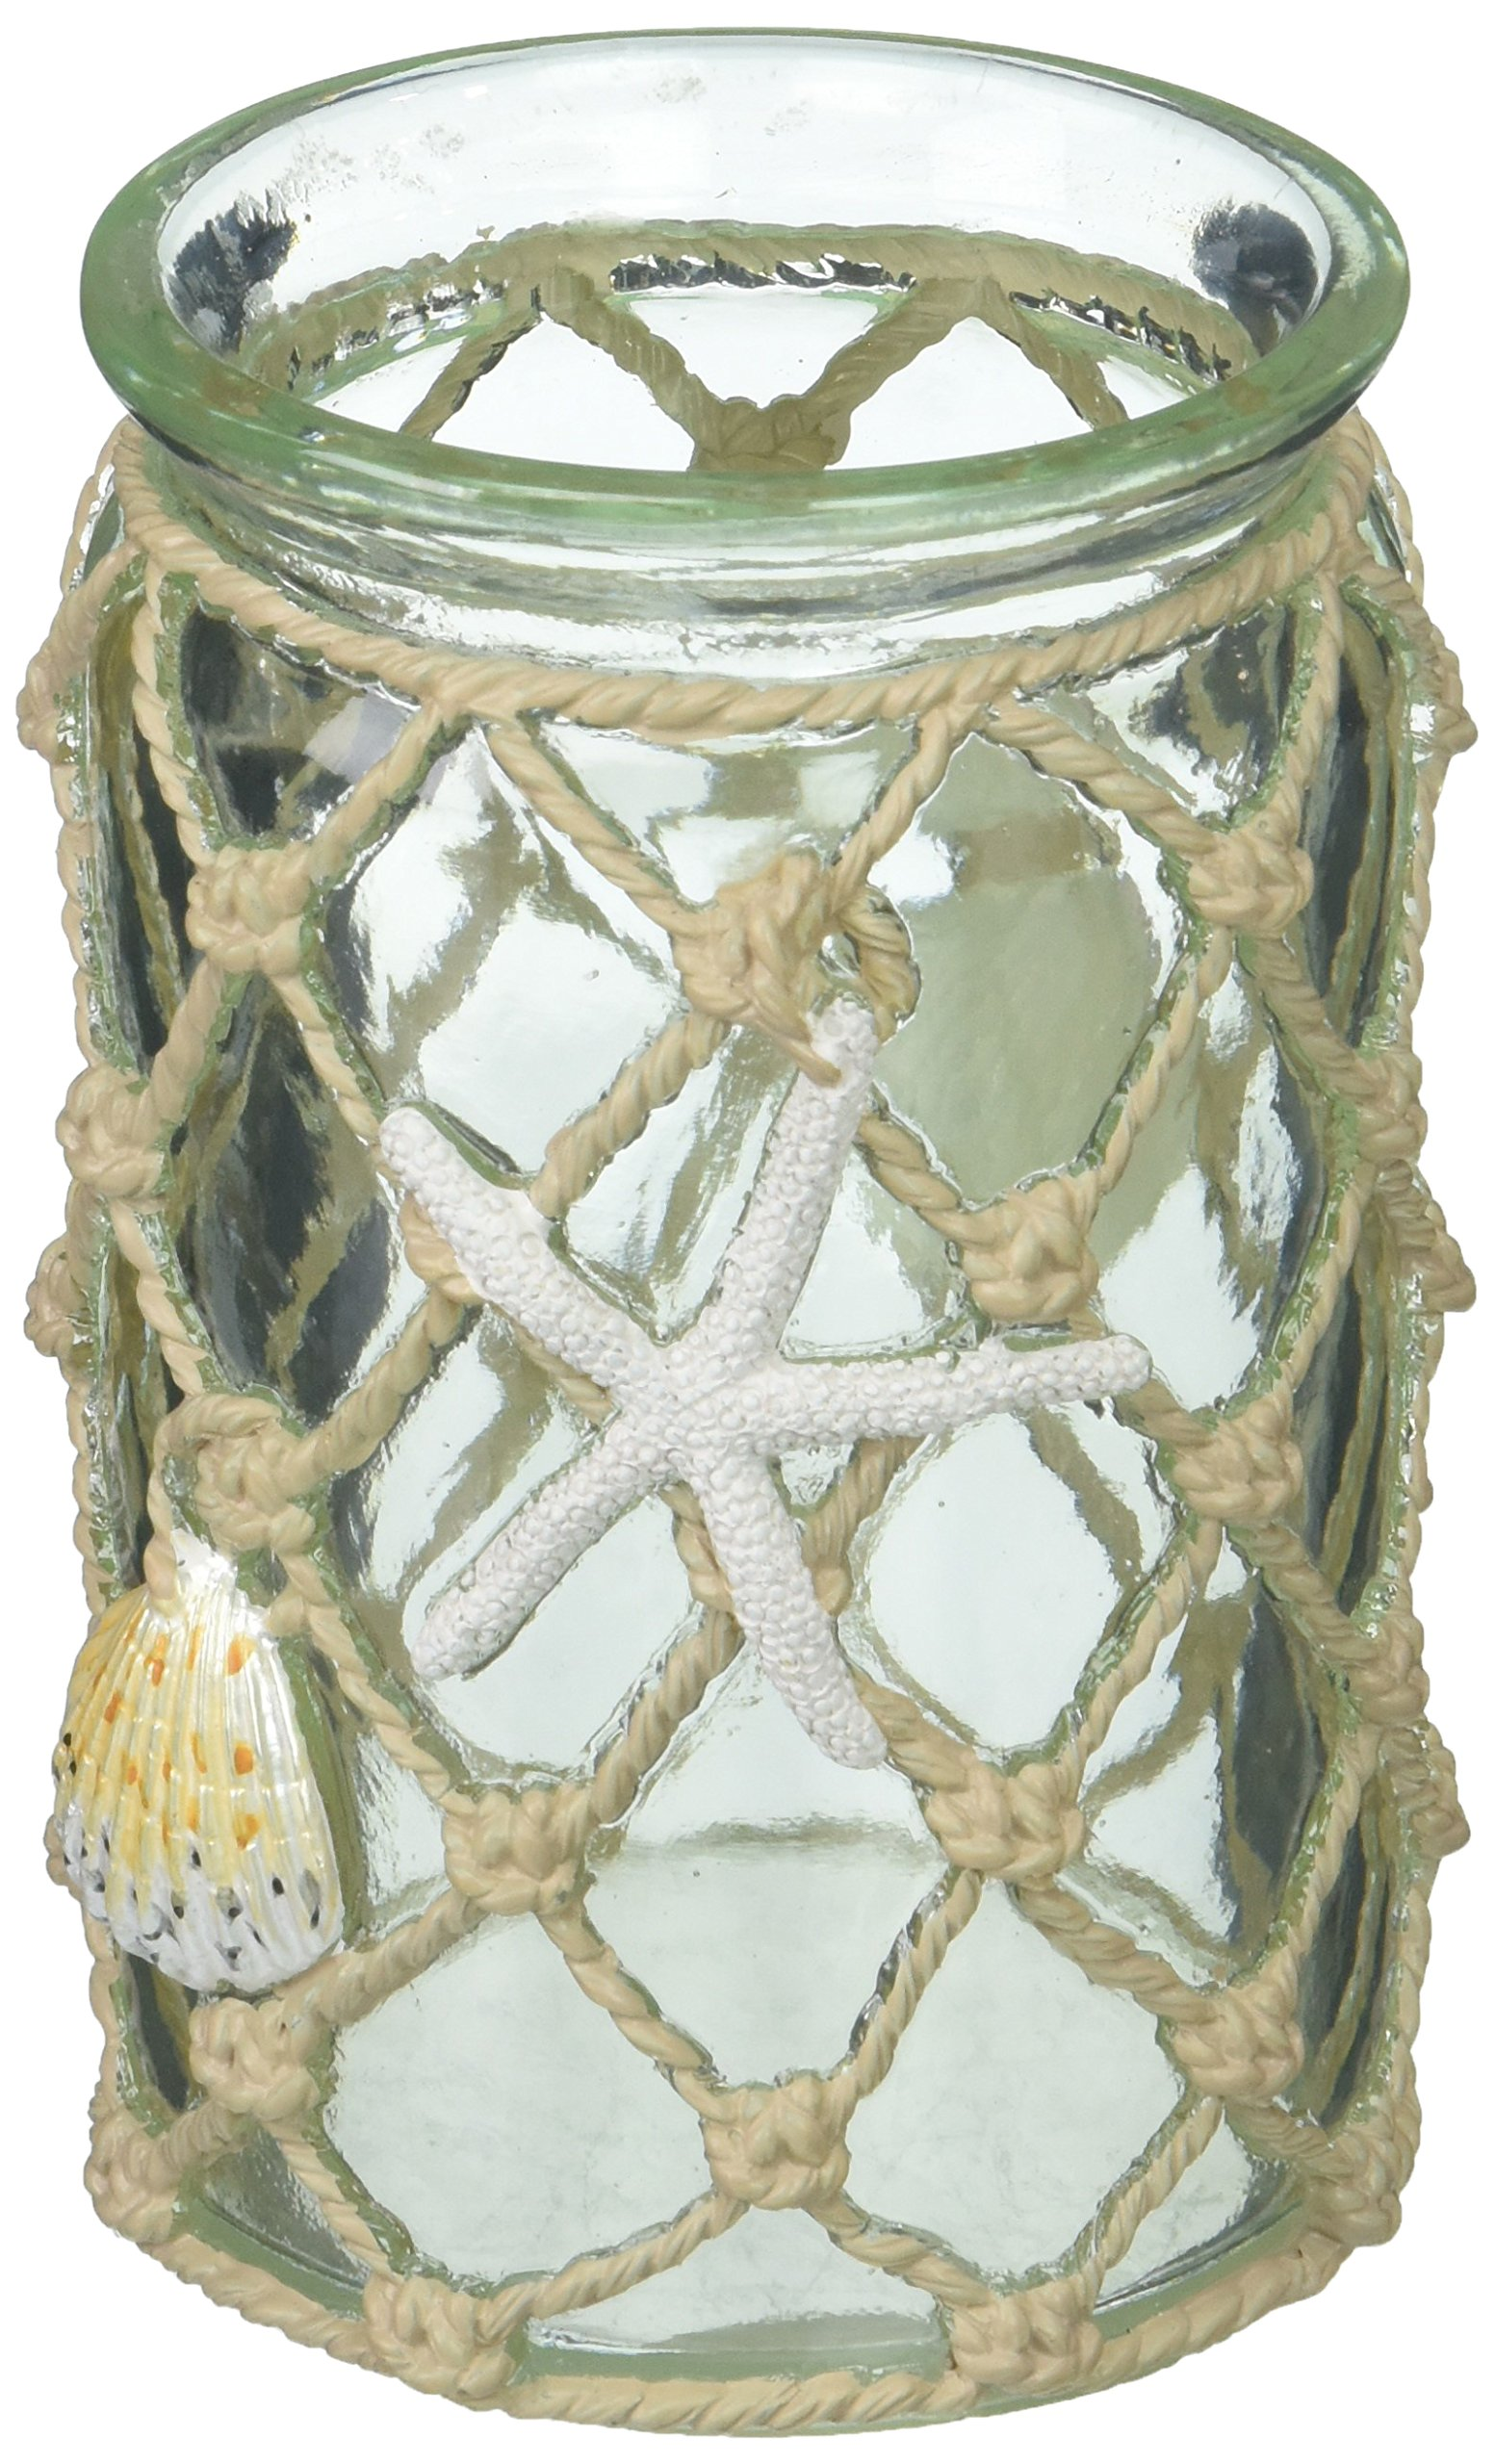 Avanti Linens Seaglass Tumbler, Medium, Multicolor by Avanti Linens